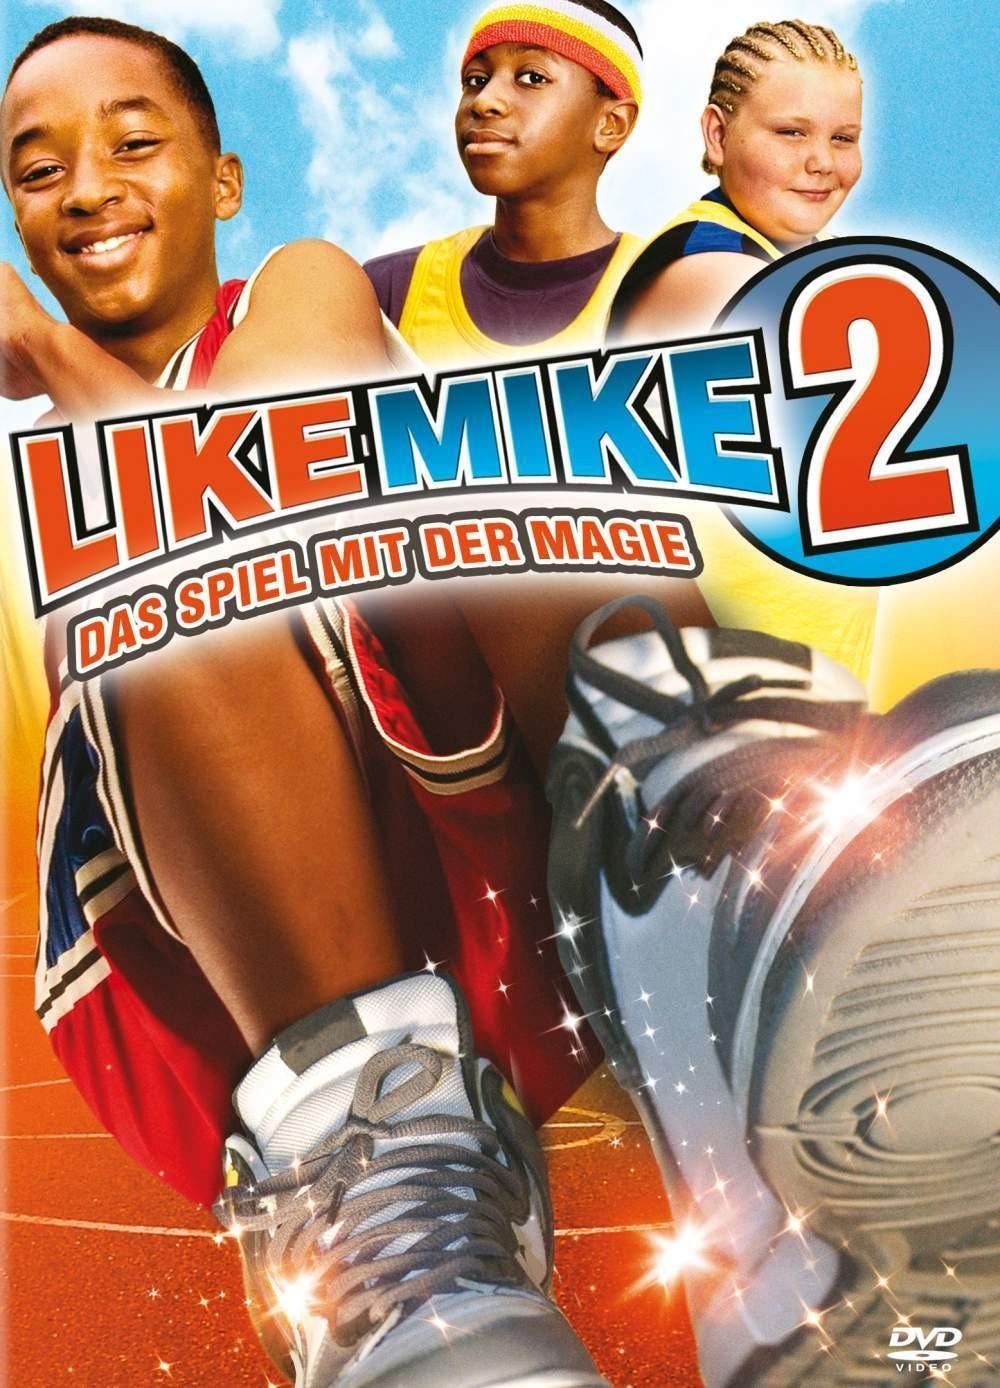 2 like mike movie